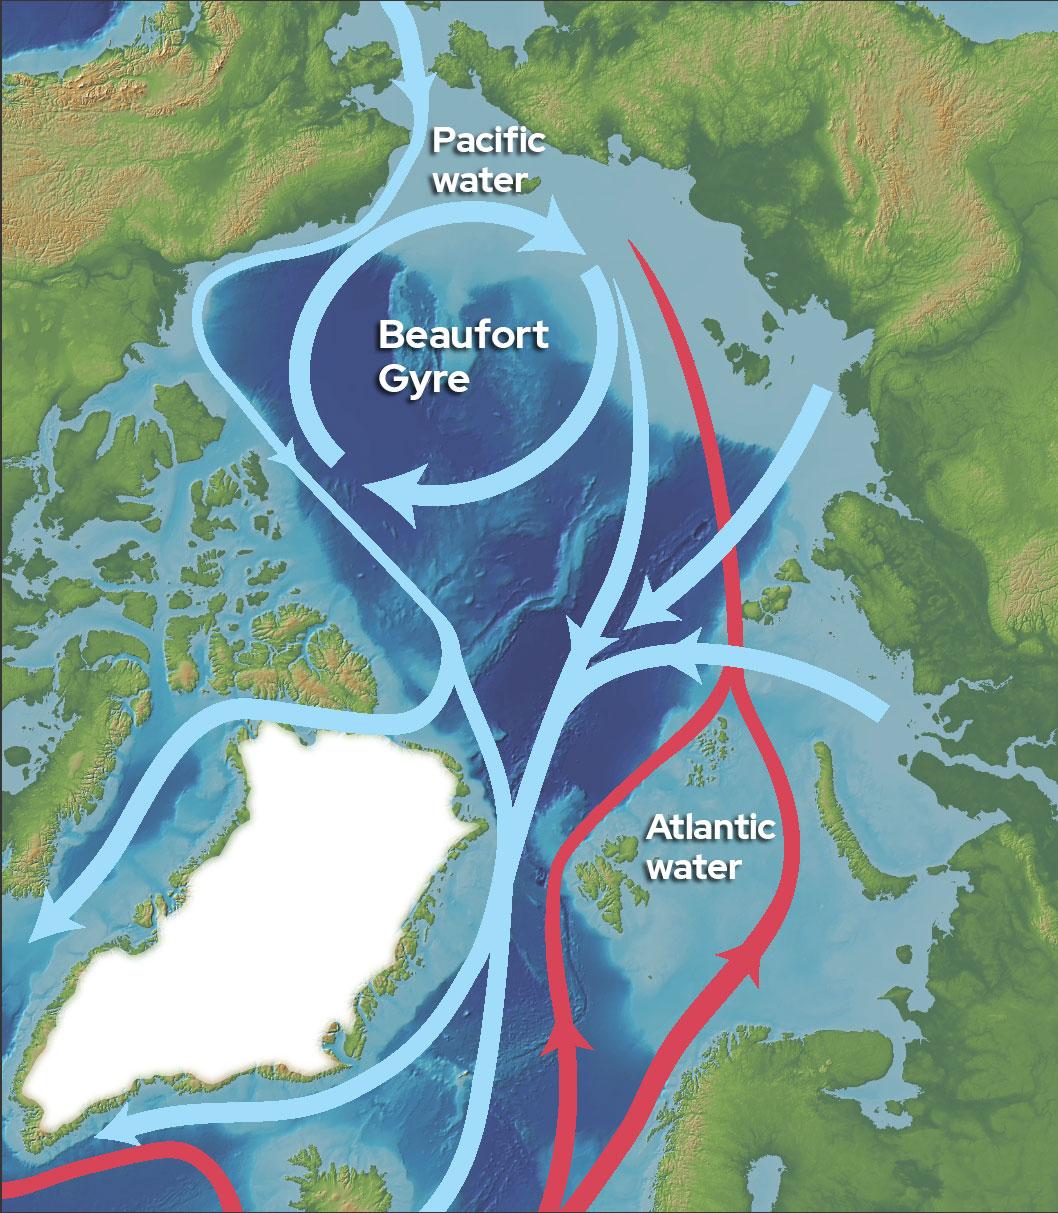 Beaufort Gyre